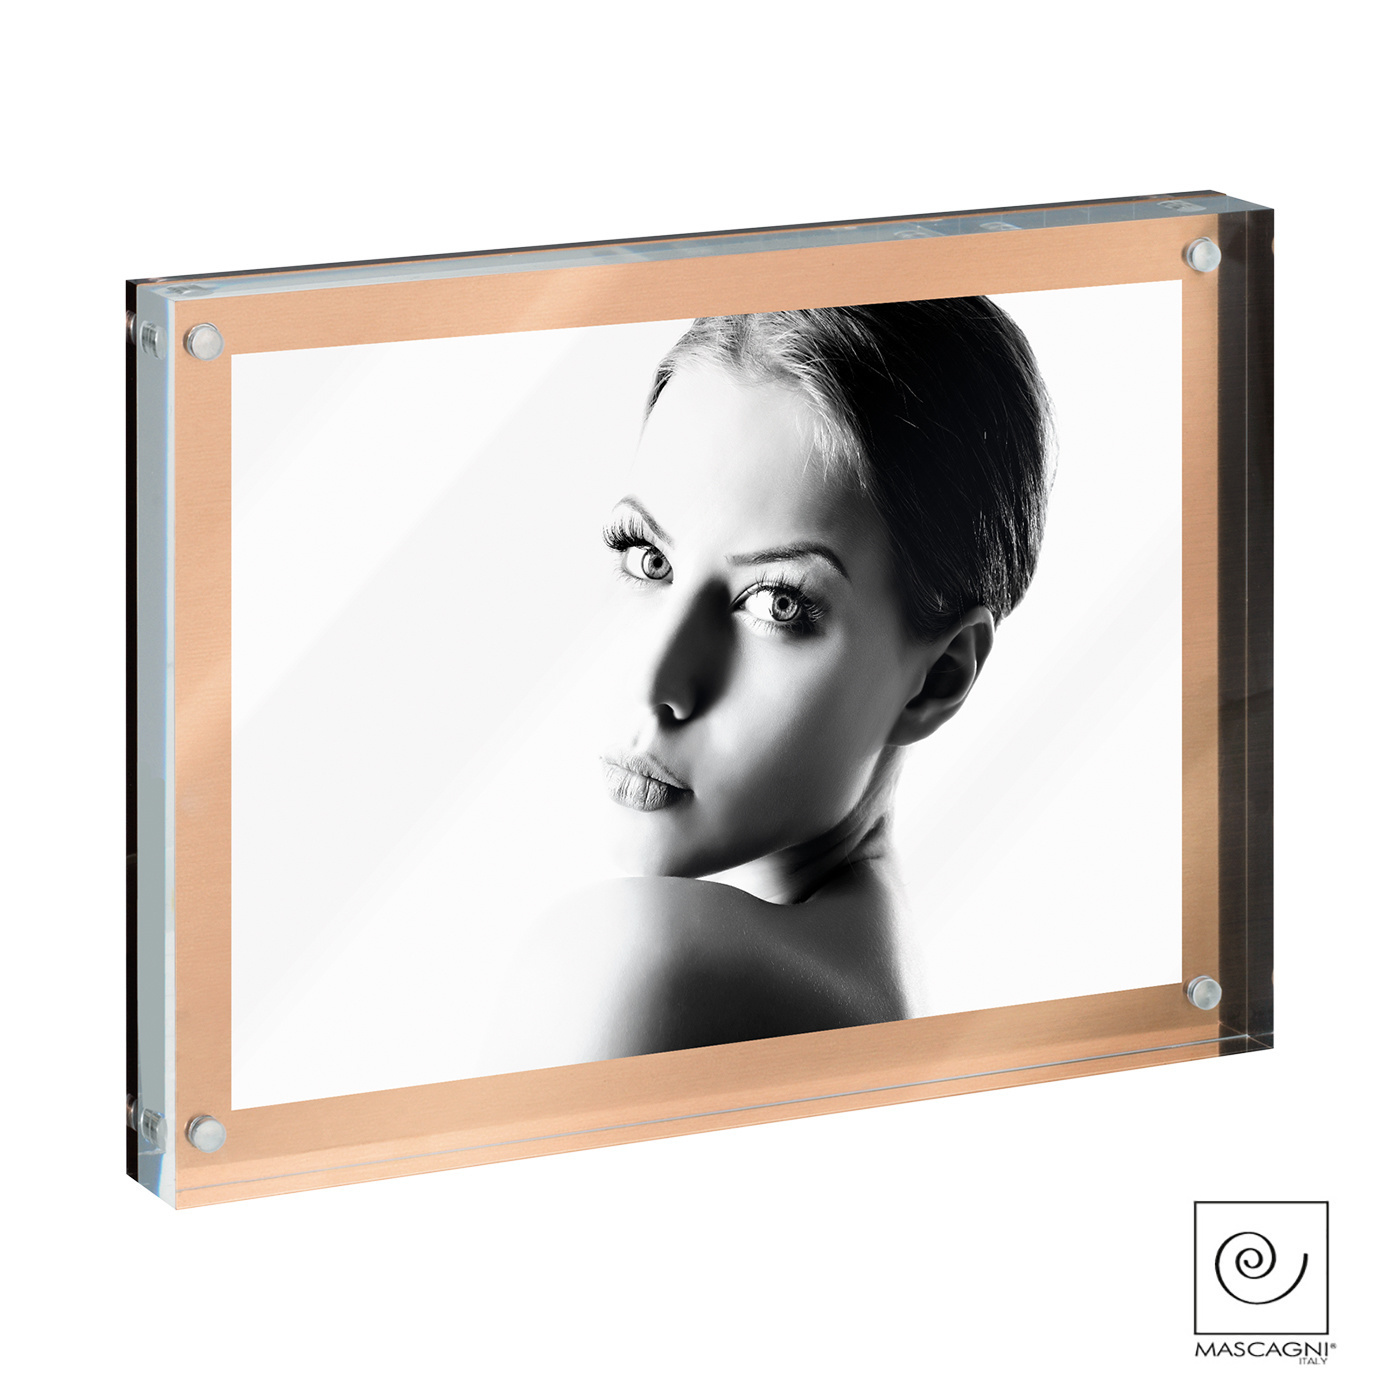 Art Mascagni A1037 PHOTO FRAME 10X15 - COL.COPPER